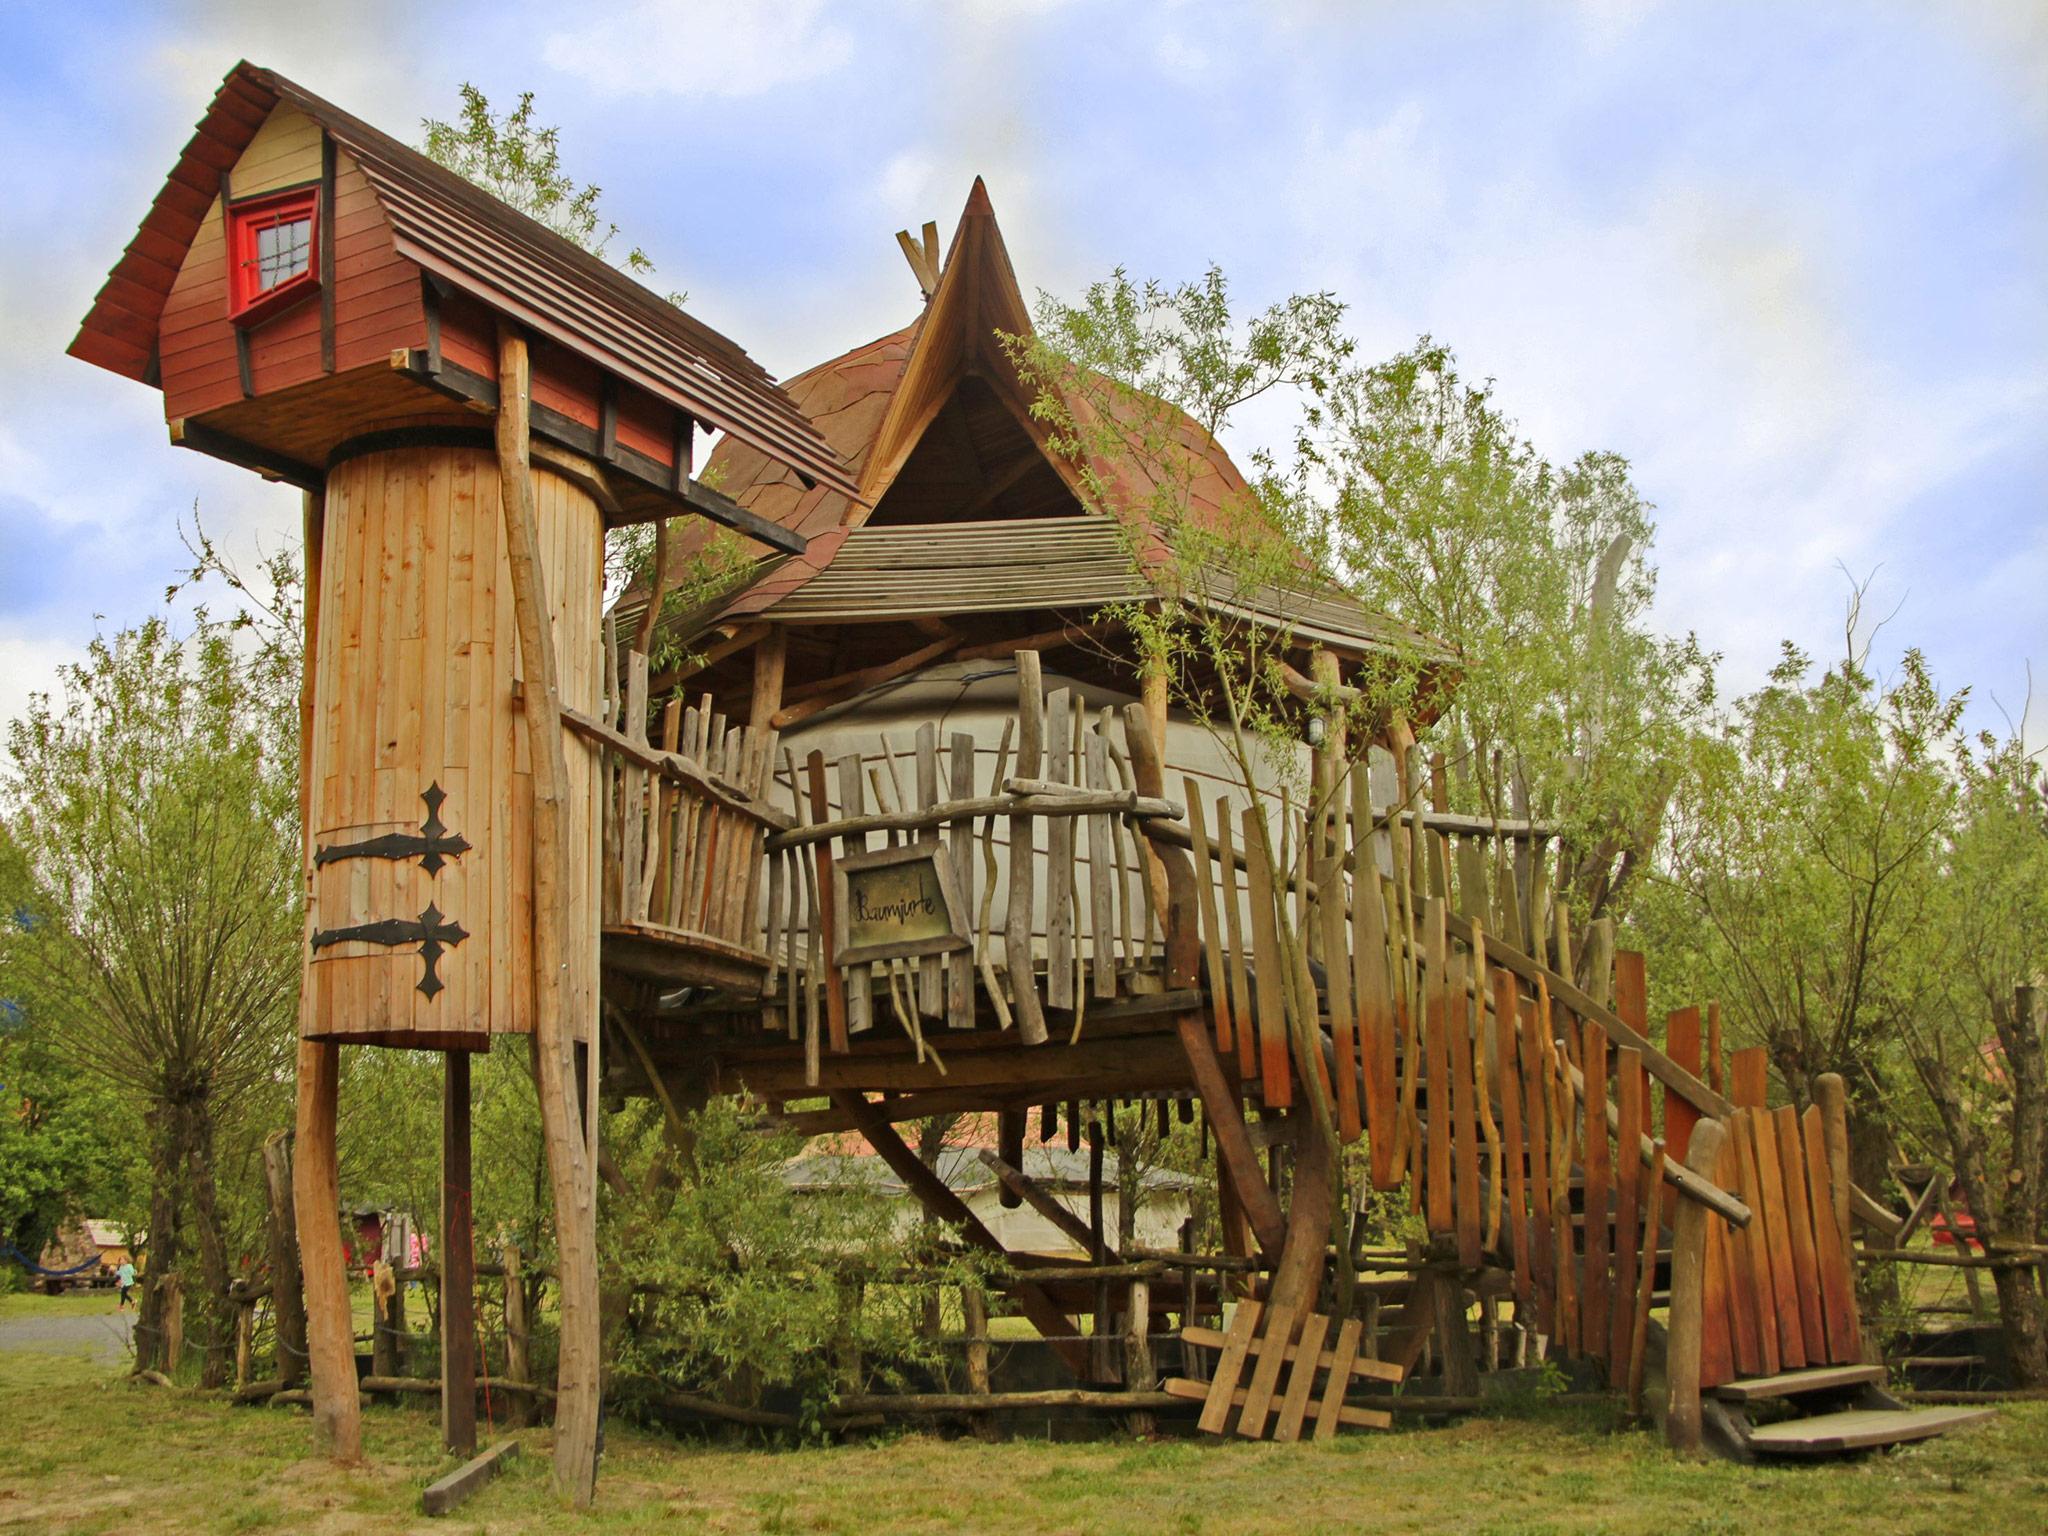 Abenteuerübernachtung in der Baumjurte! Foto: Kulturinsel Einsiedel Künstlerische Holzgestaltung Bergmann GmbH